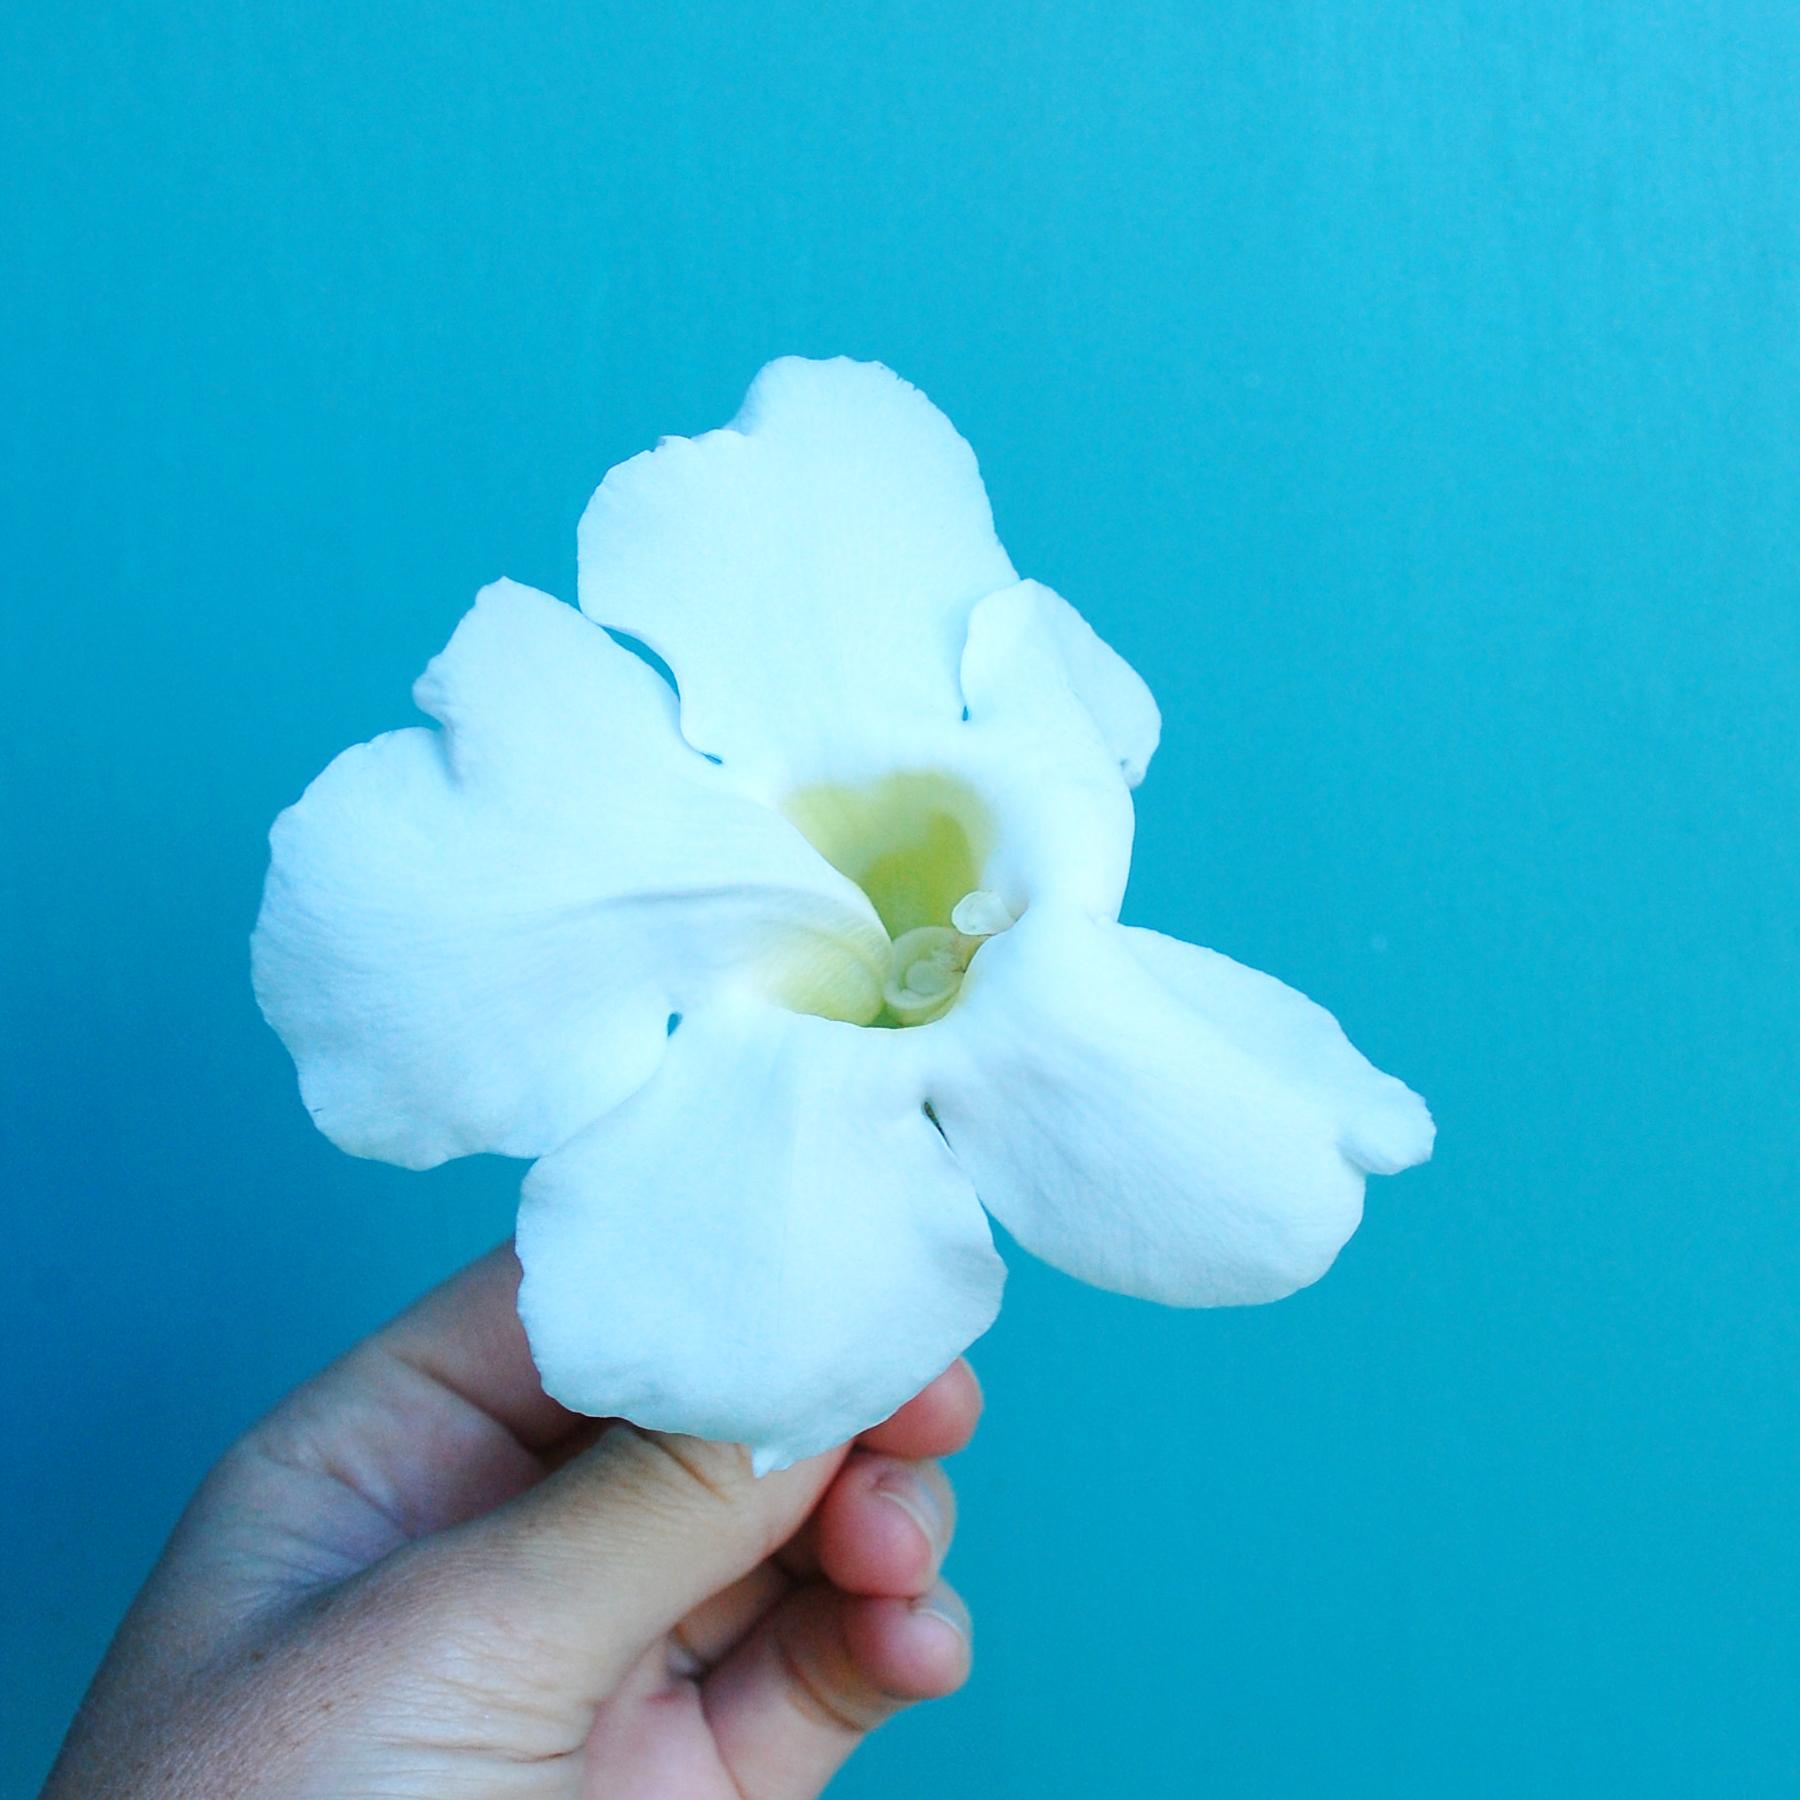 Inspir_Gord_Vine_White_Flower_00.jpg